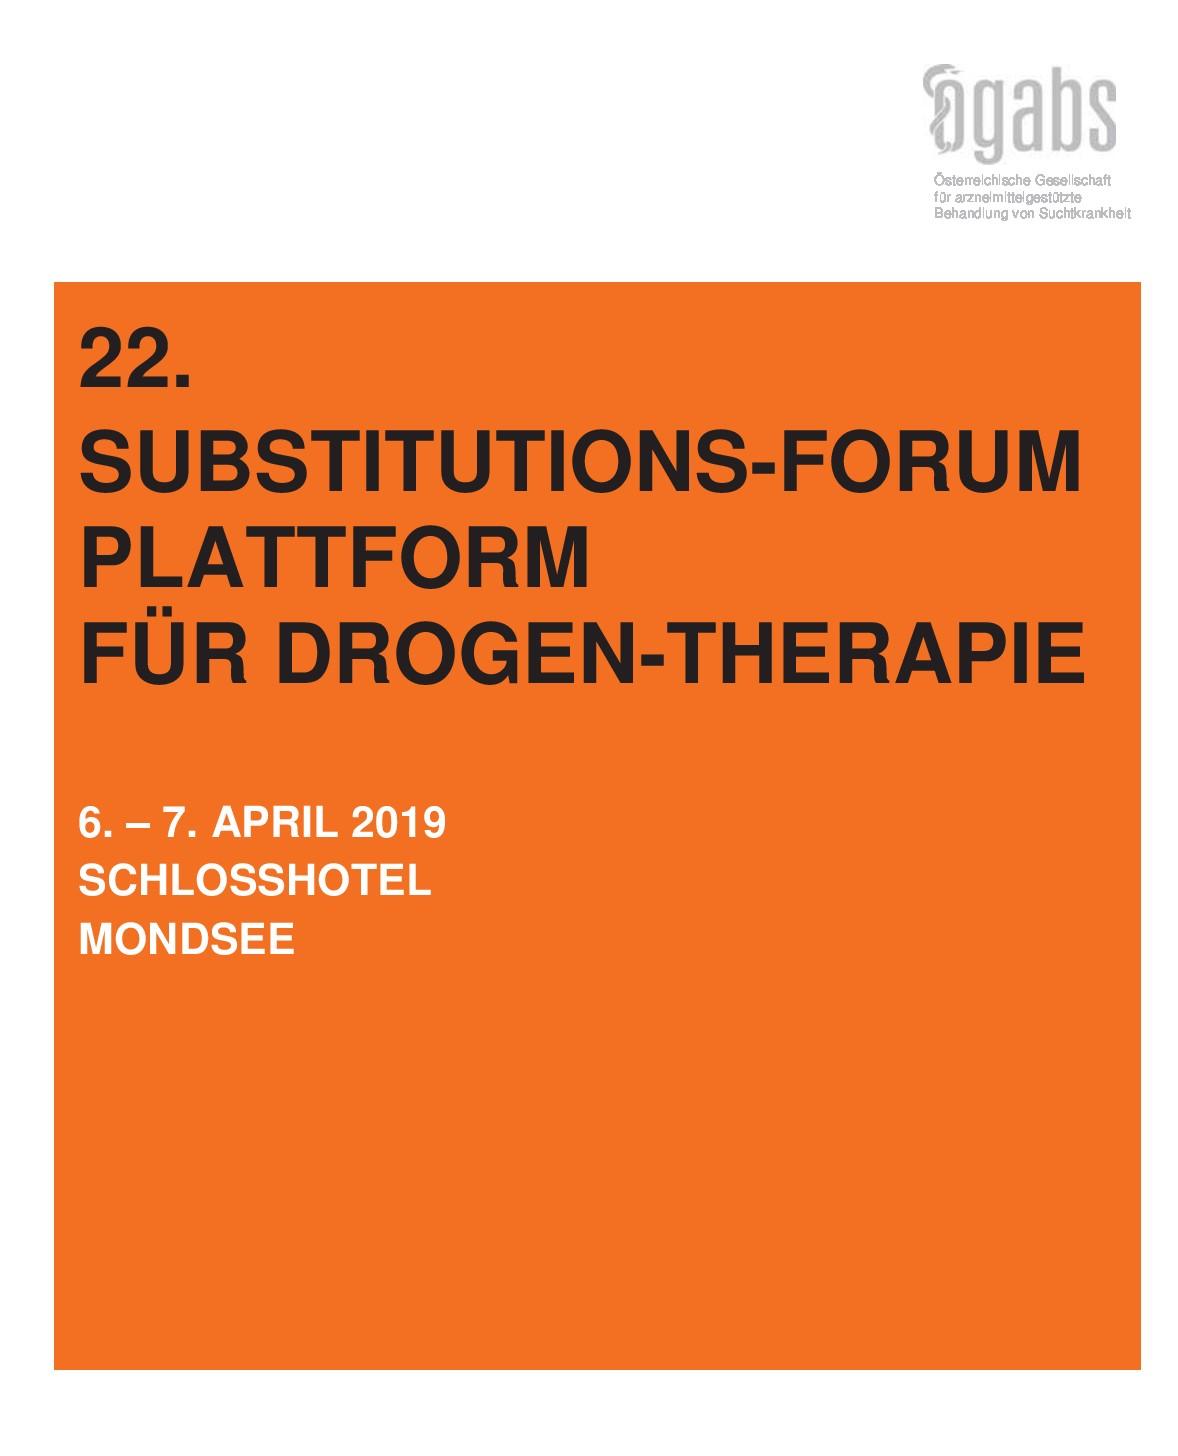 22. Substitutions-Forum